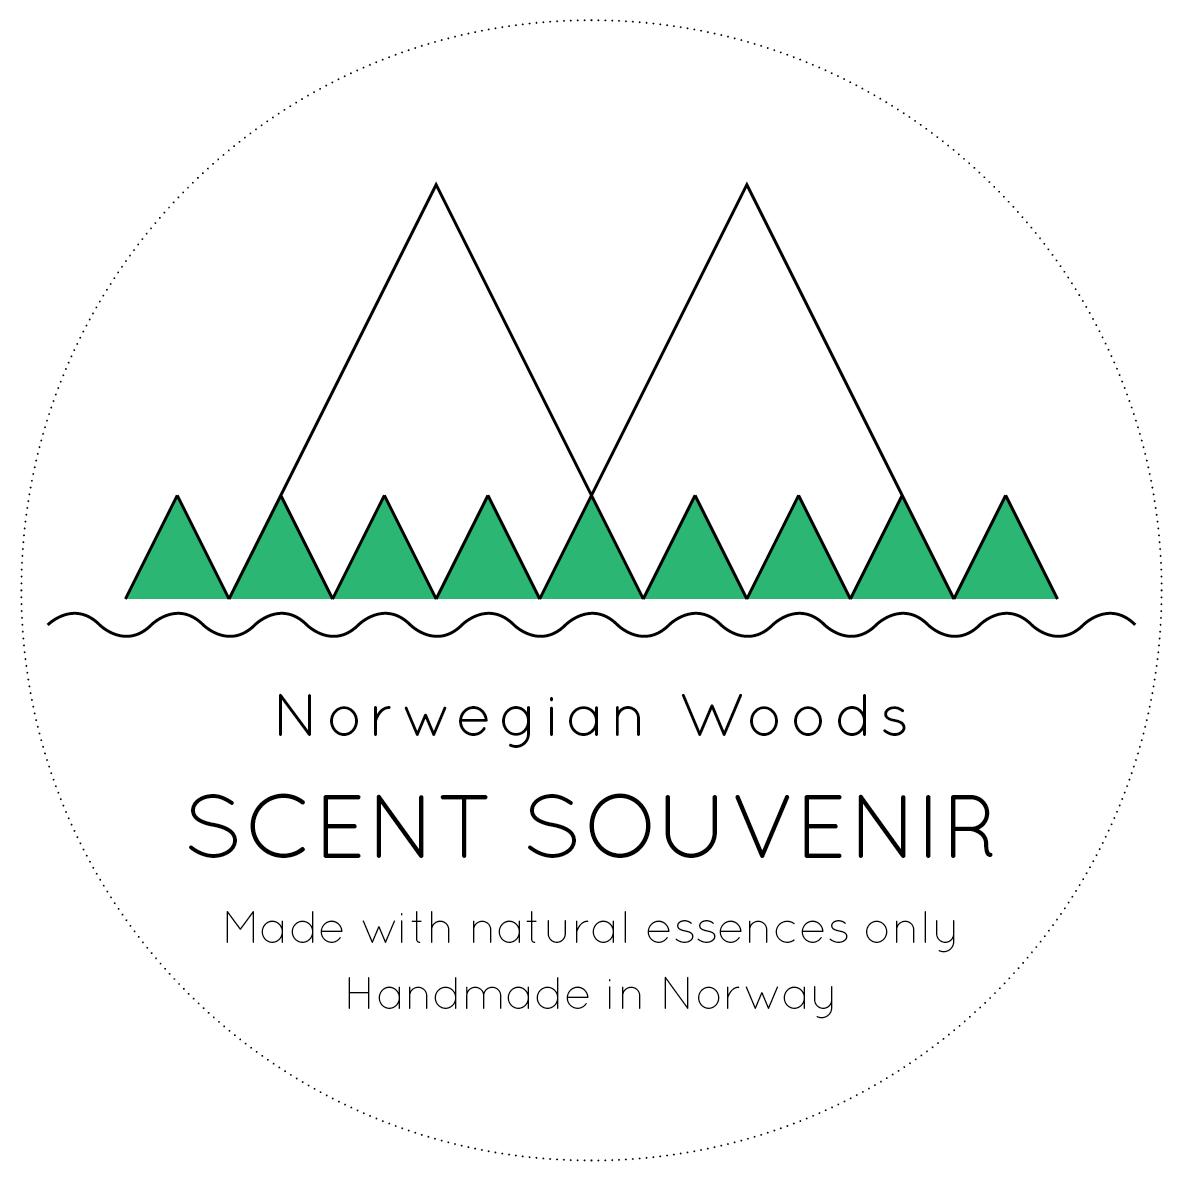 ScentSouvenir